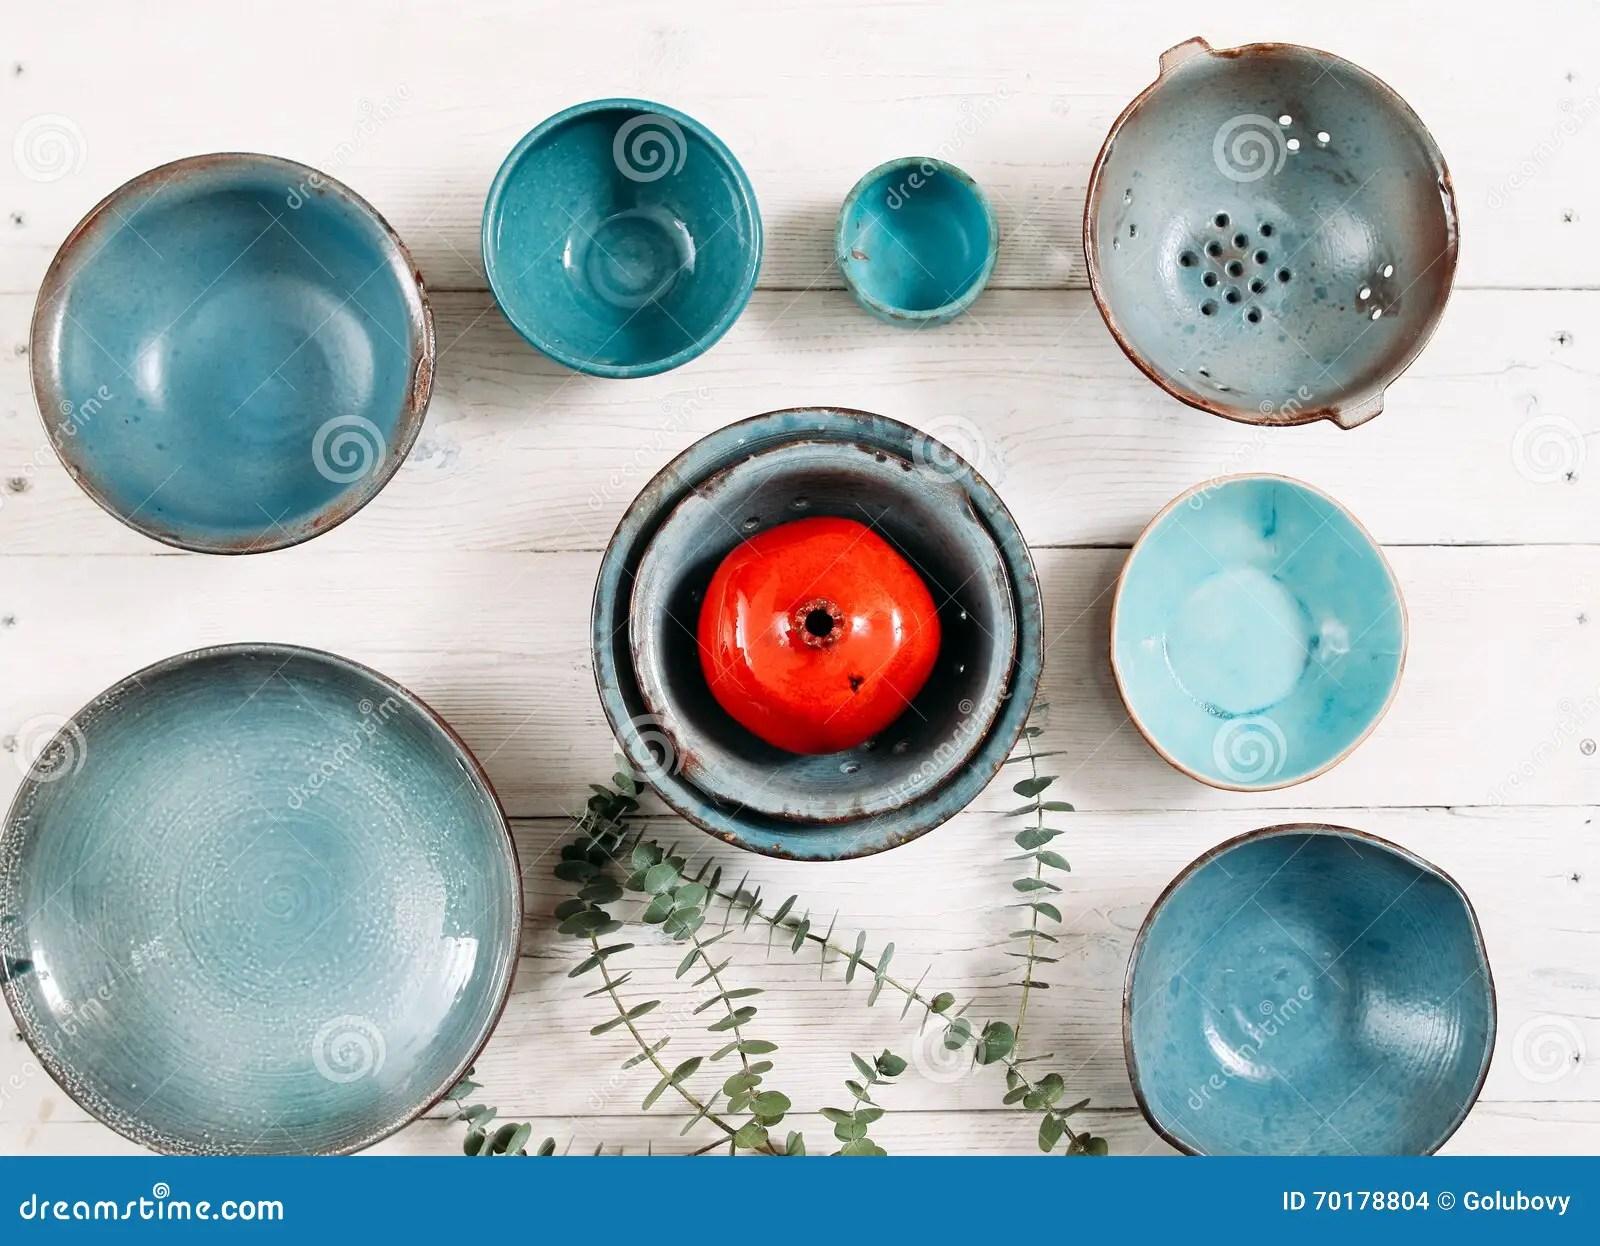 turquoise kitchen decor peerless faucets 许多绿松石空的陶瓷板材平的位置库存照片 图片包括有许多 设计 陶瓷 许多绿松石黏土空的板材和红色装饰陶瓷石榴在白色木背景在套的平的位置时髦空的板材和颜色装饰有机食品 瓦器 装饰概念